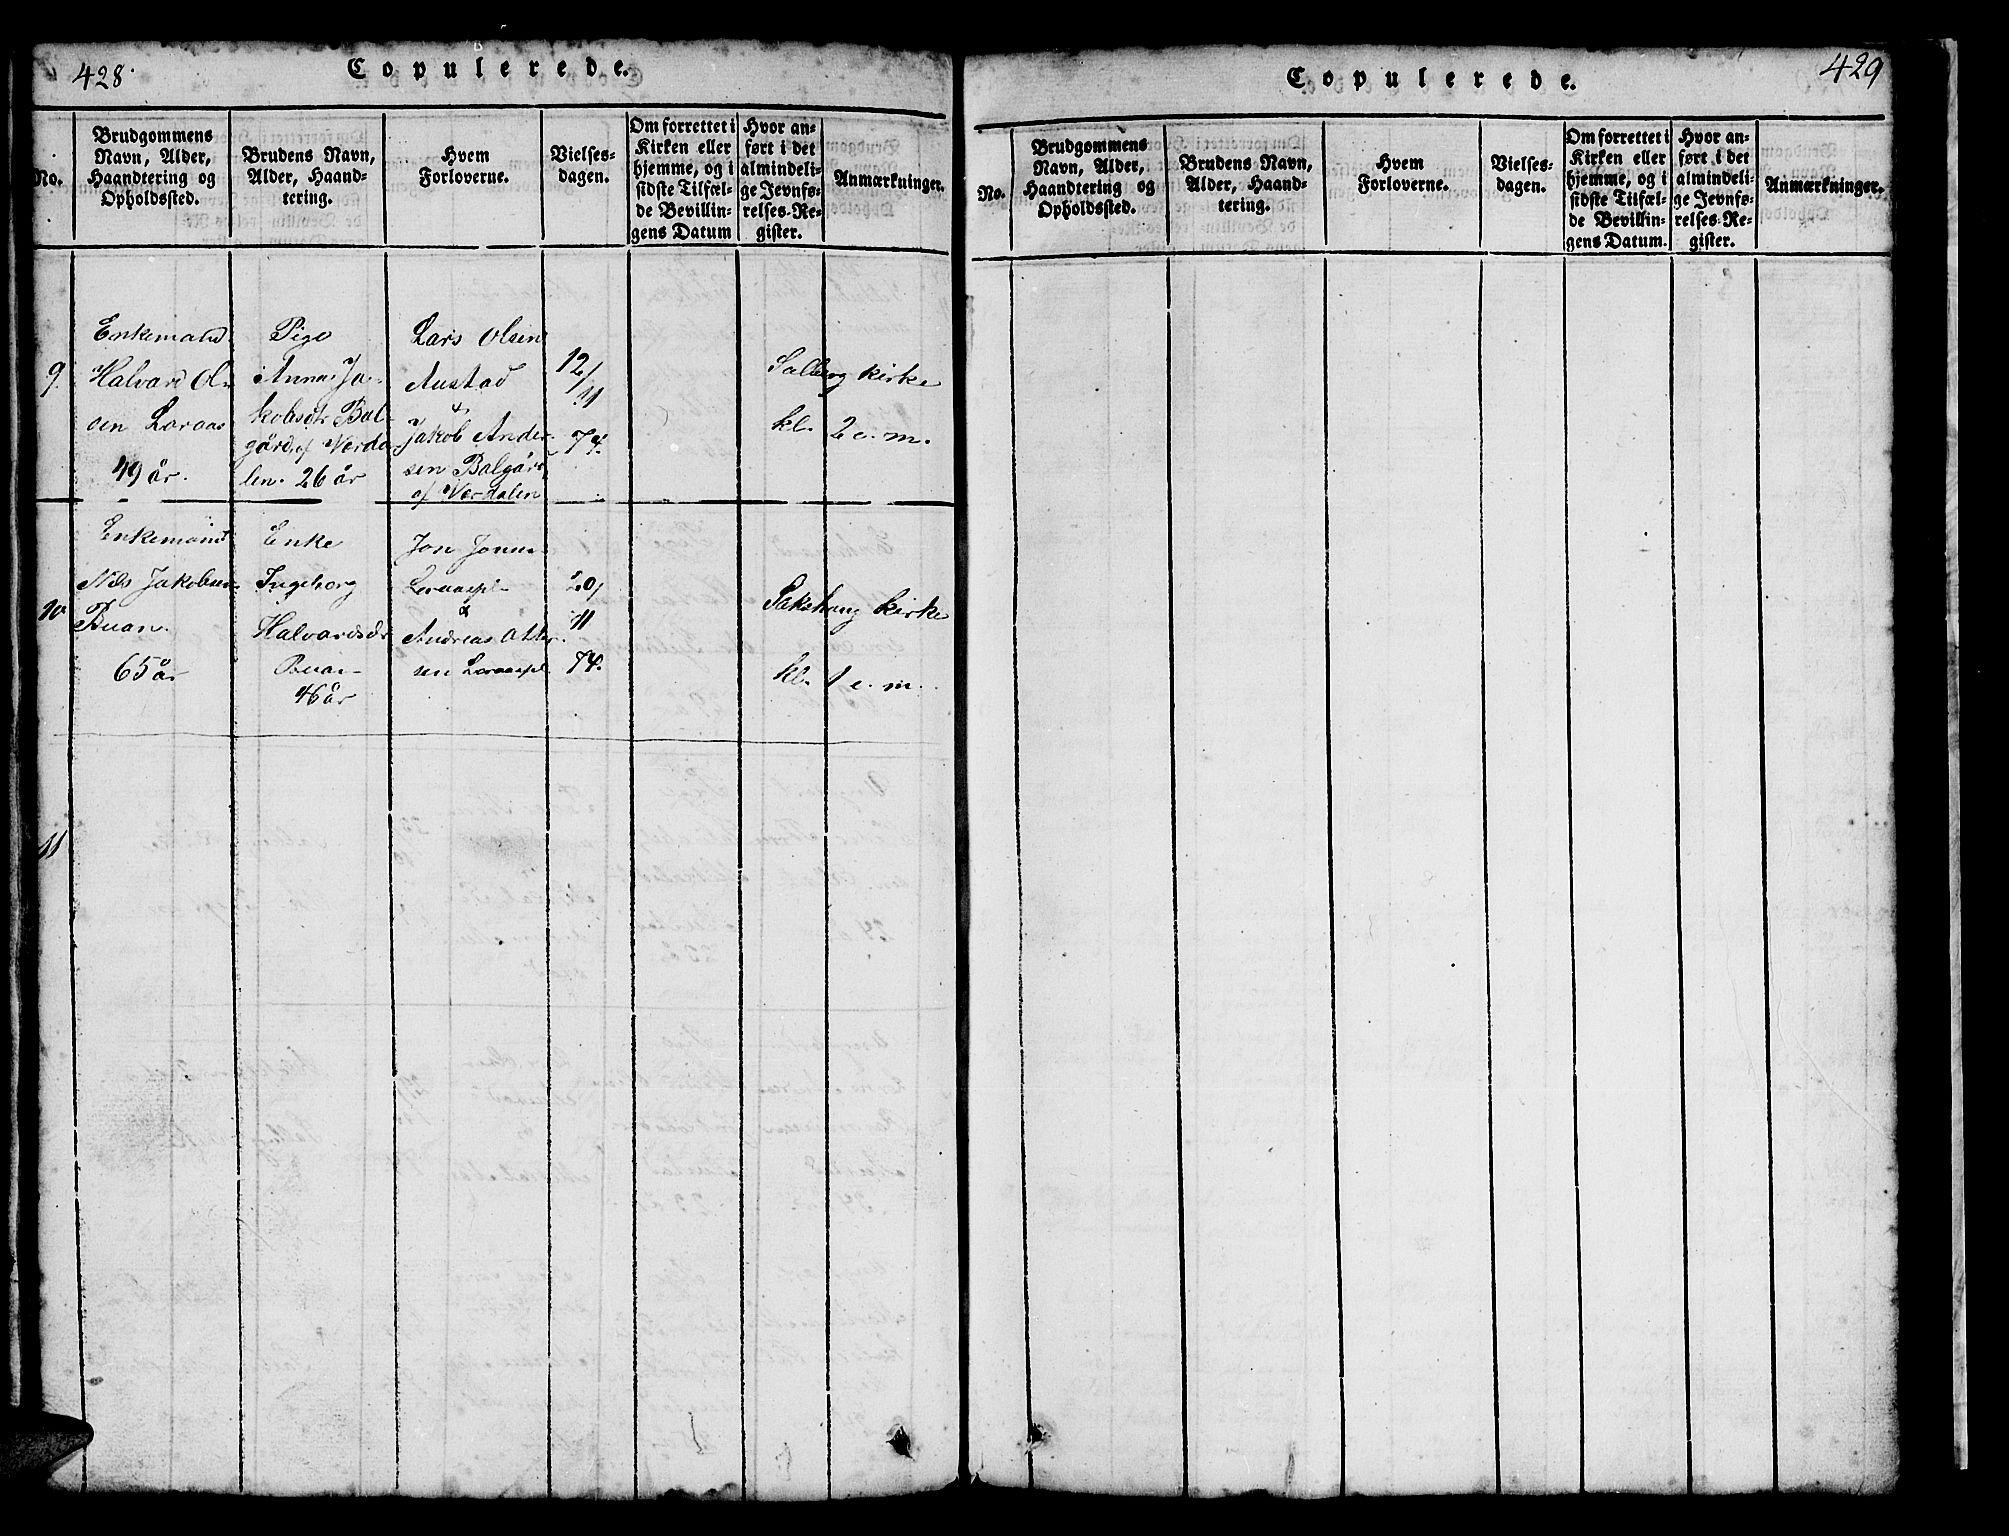 SAT, Ministerialprotokoller, klokkerbøker og fødselsregistre - Nord-Trøndelag, 731/L0310: Klokkerbok nr. 731C01, 1816-1874, s. 428-429